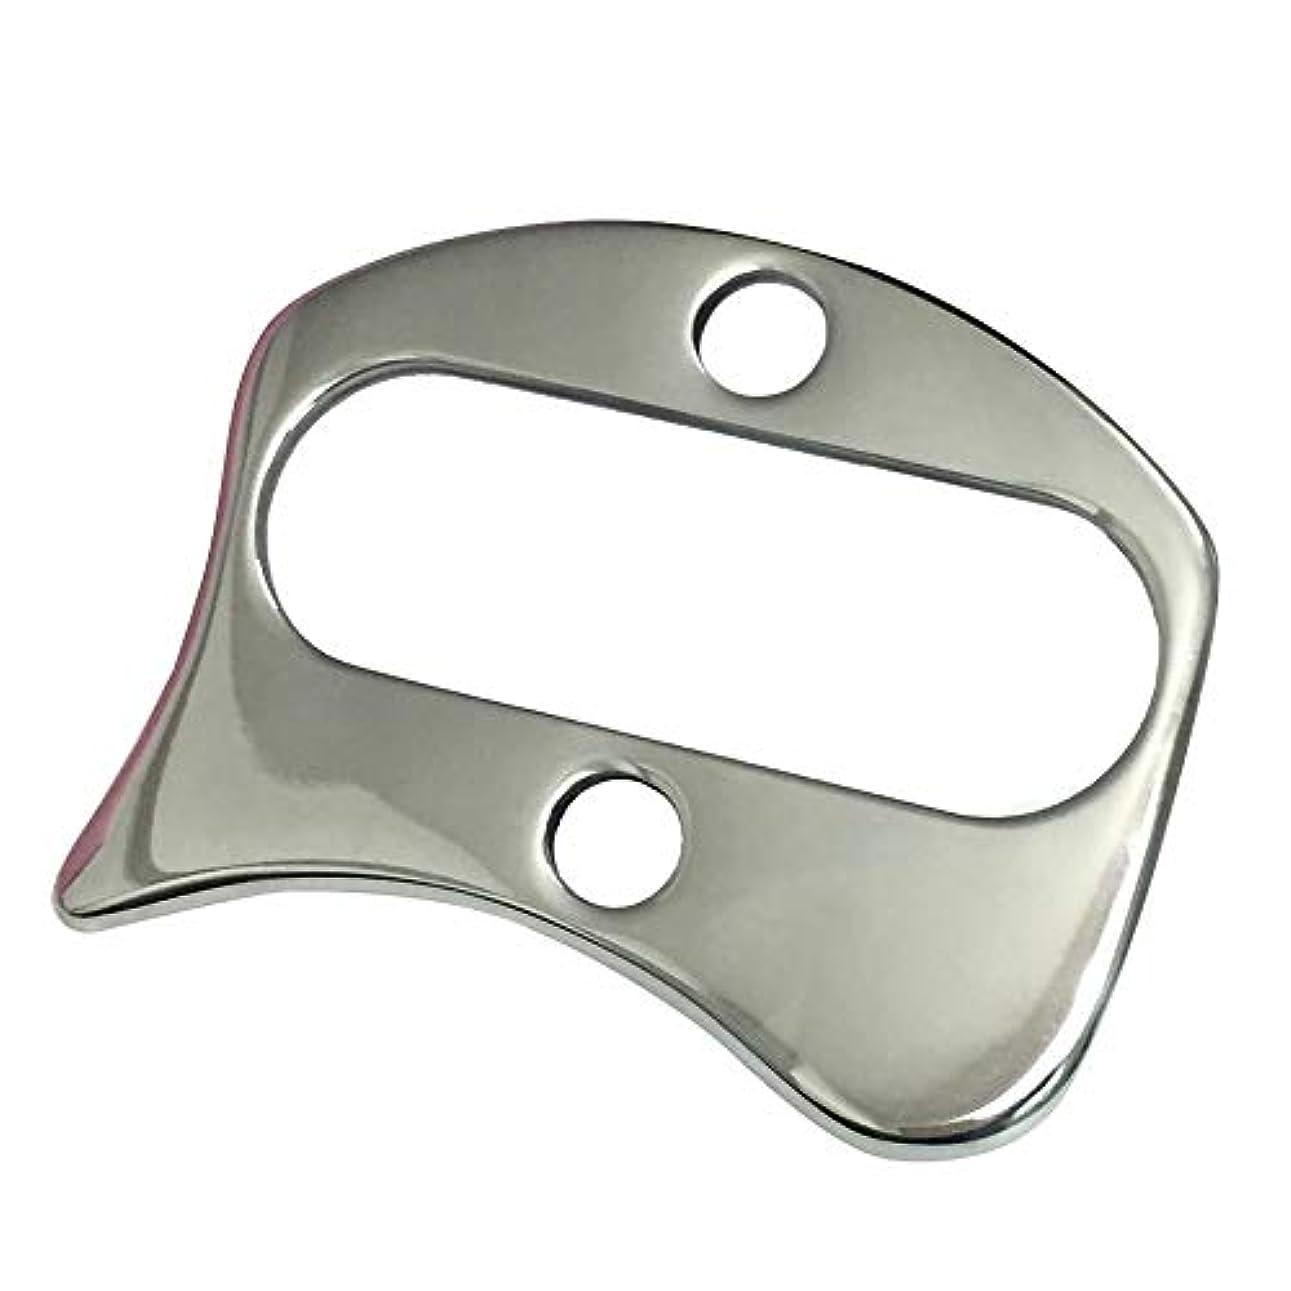 流飛躍淡い304ステンレス鋼 筋肉マッサージャー 理学療法 多機能 軟部組織 疼痛緩和 軽減筋膜 健康製品